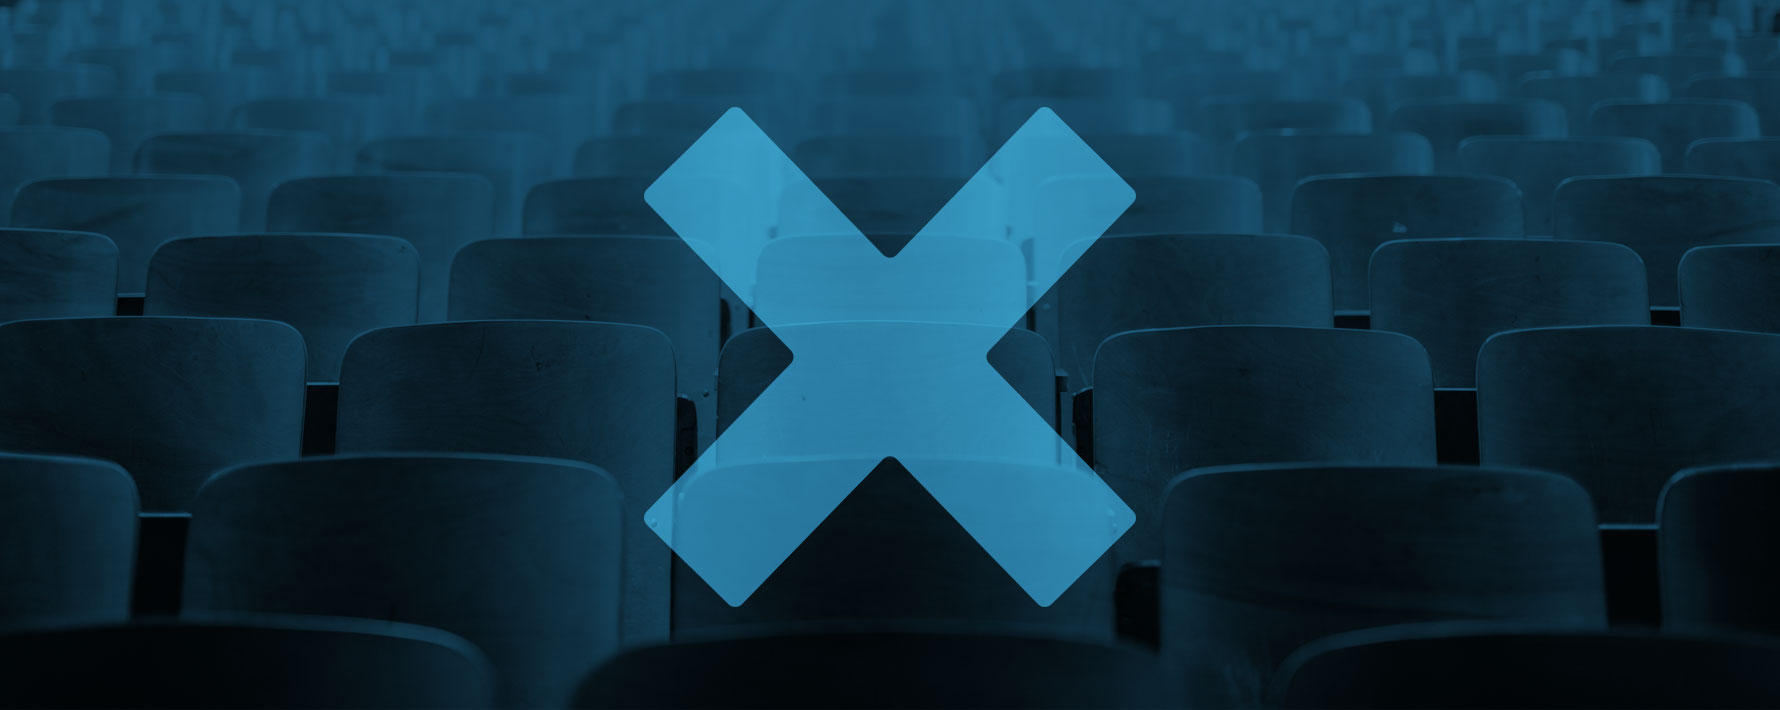 Hüfner Design | Referenz OnlineTED | Redesign